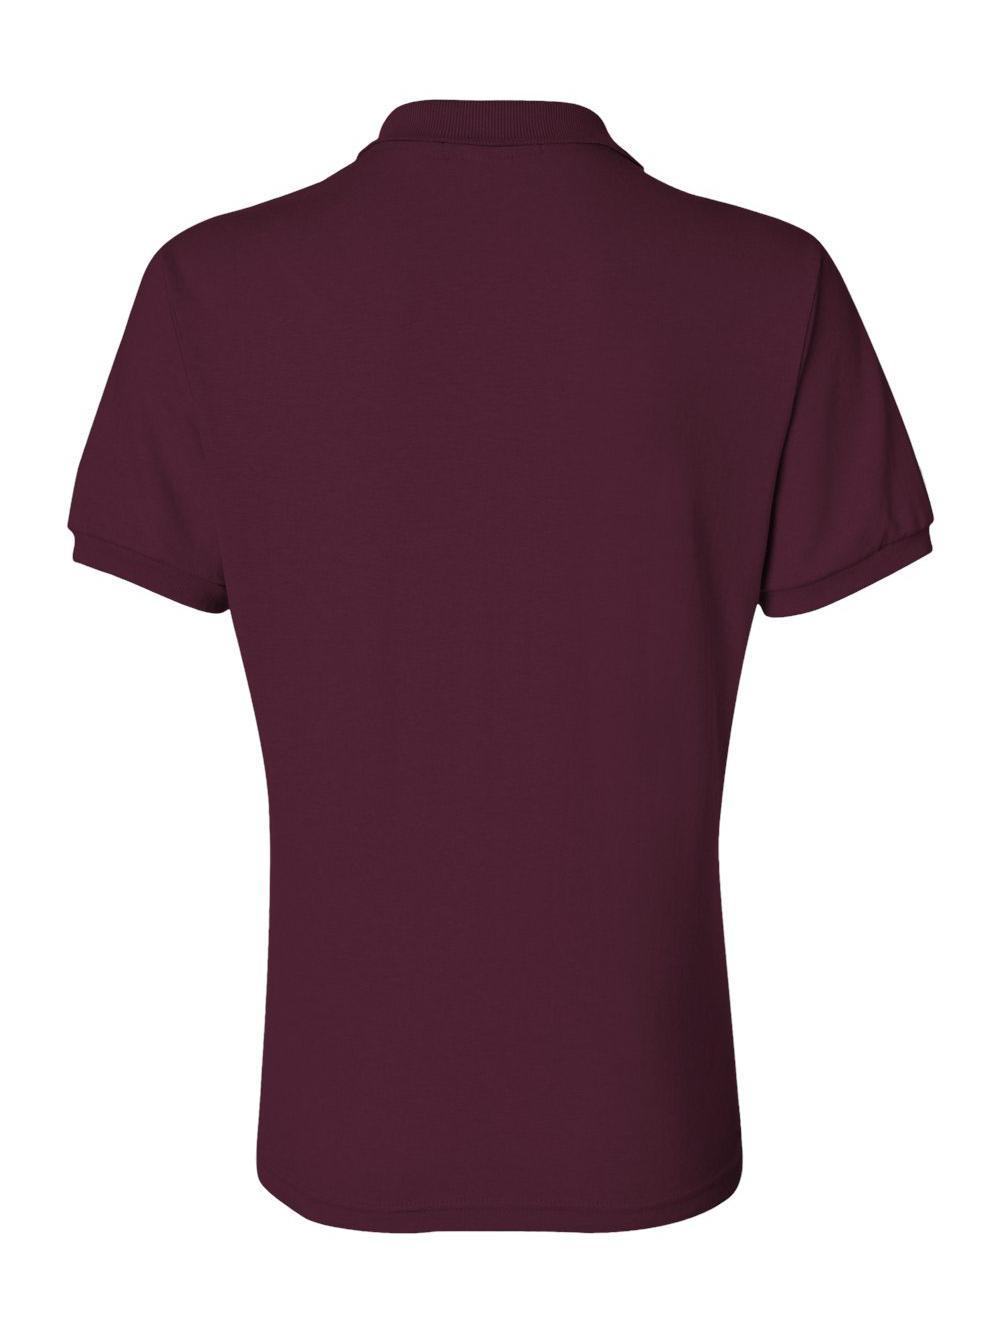 Jerzees-Women-039-s-Spotshield-50-50-Sport-Shirt-437WR thumbnail 25